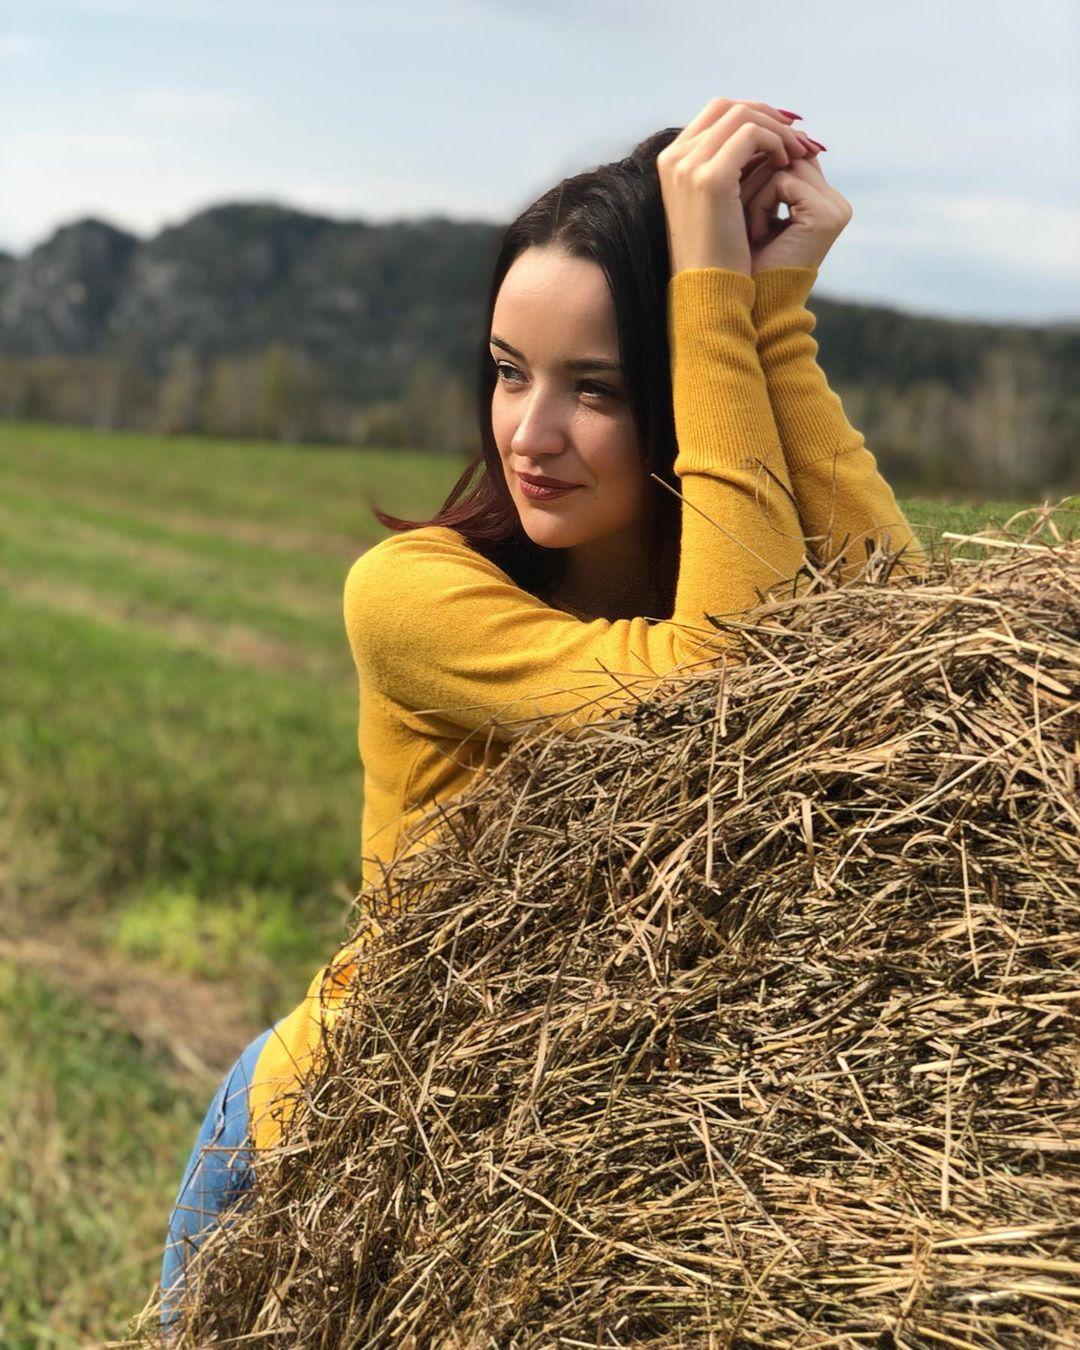 Сибирячка продвигала виртуальный проект для помощи женщинам